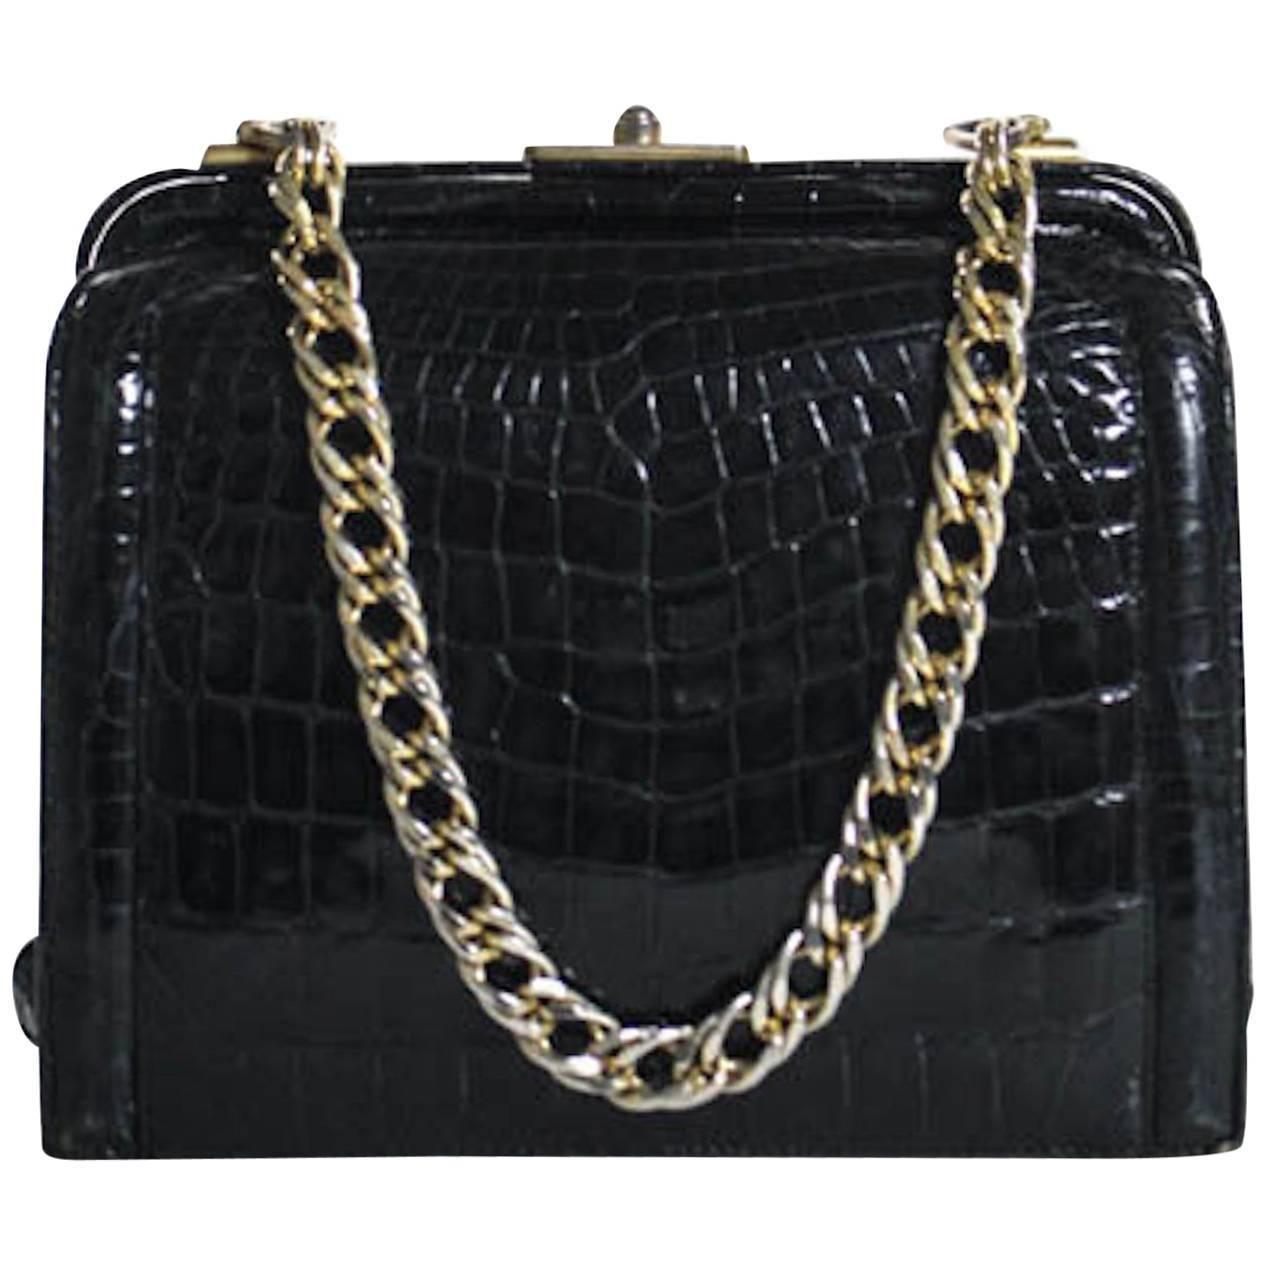 fafc59b38 Vintage Black Leather Crocodile Leather Kisslock Evening Flap Shoulder Bag